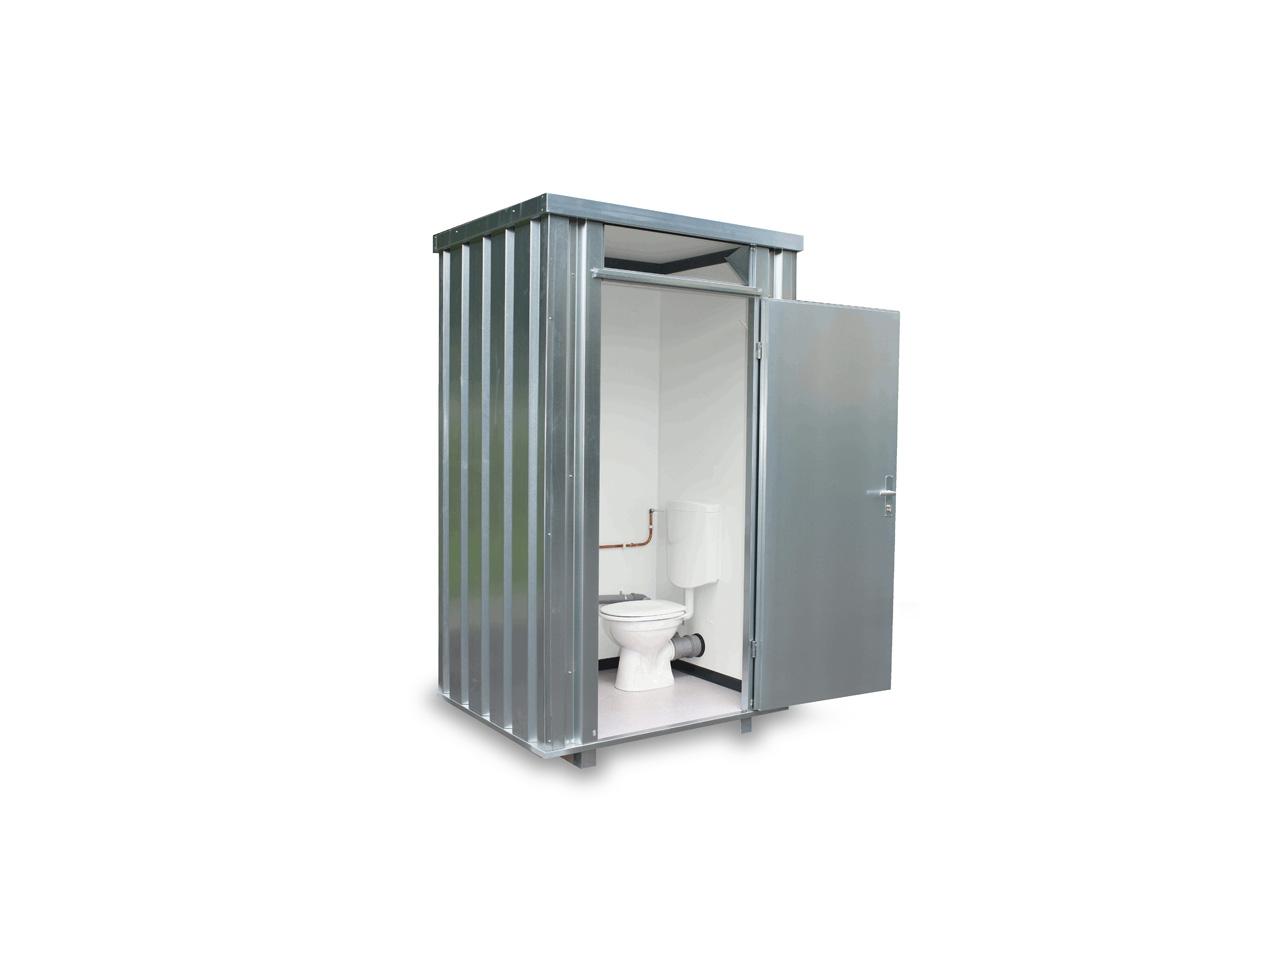 tbt1 toiletunit foto